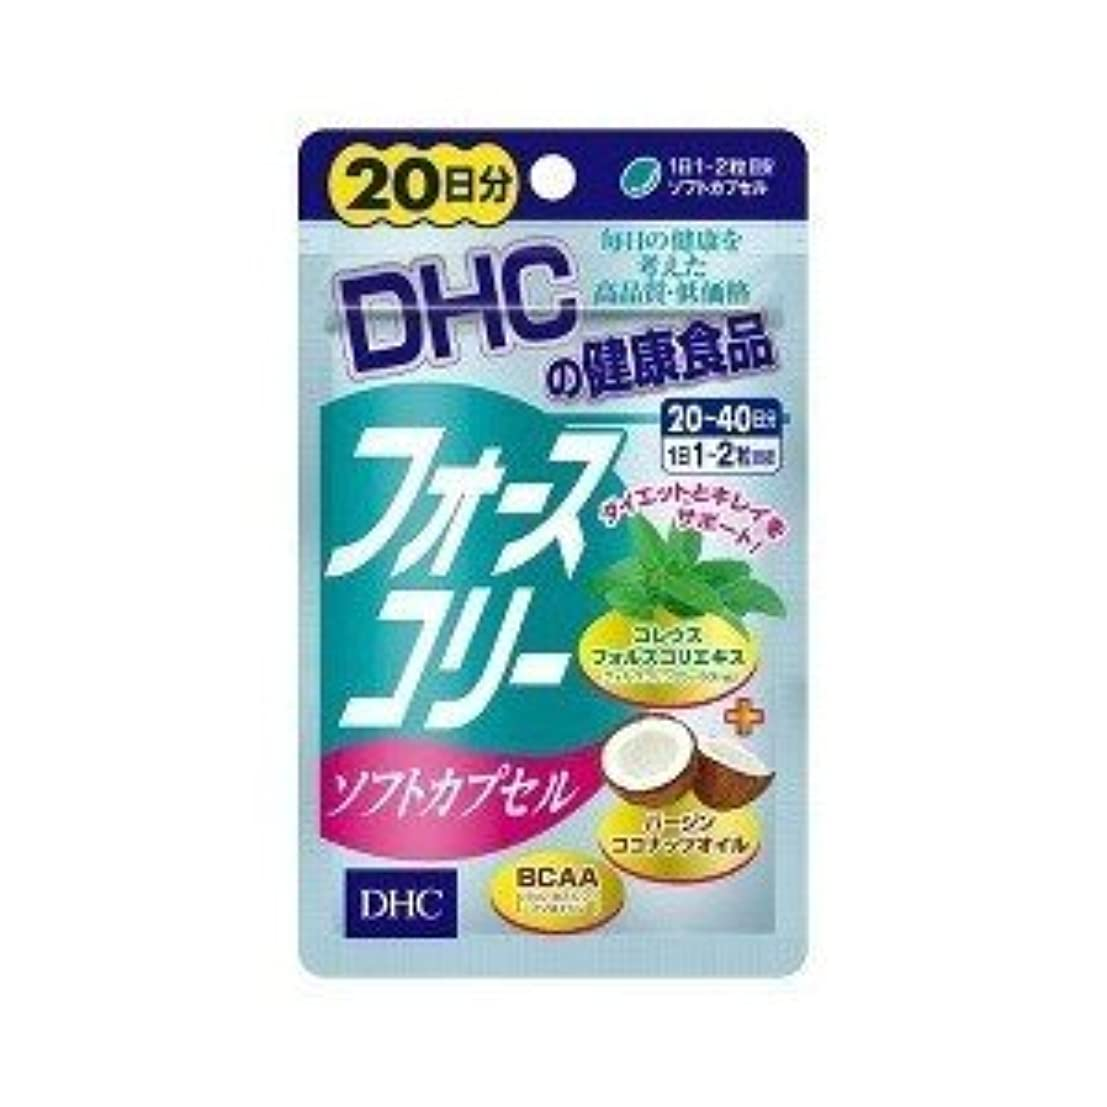 成熟したダイヤモンド打倒(2017年春の新商品)DHC フォースコリー ソフトカプセル 20日分 40粒